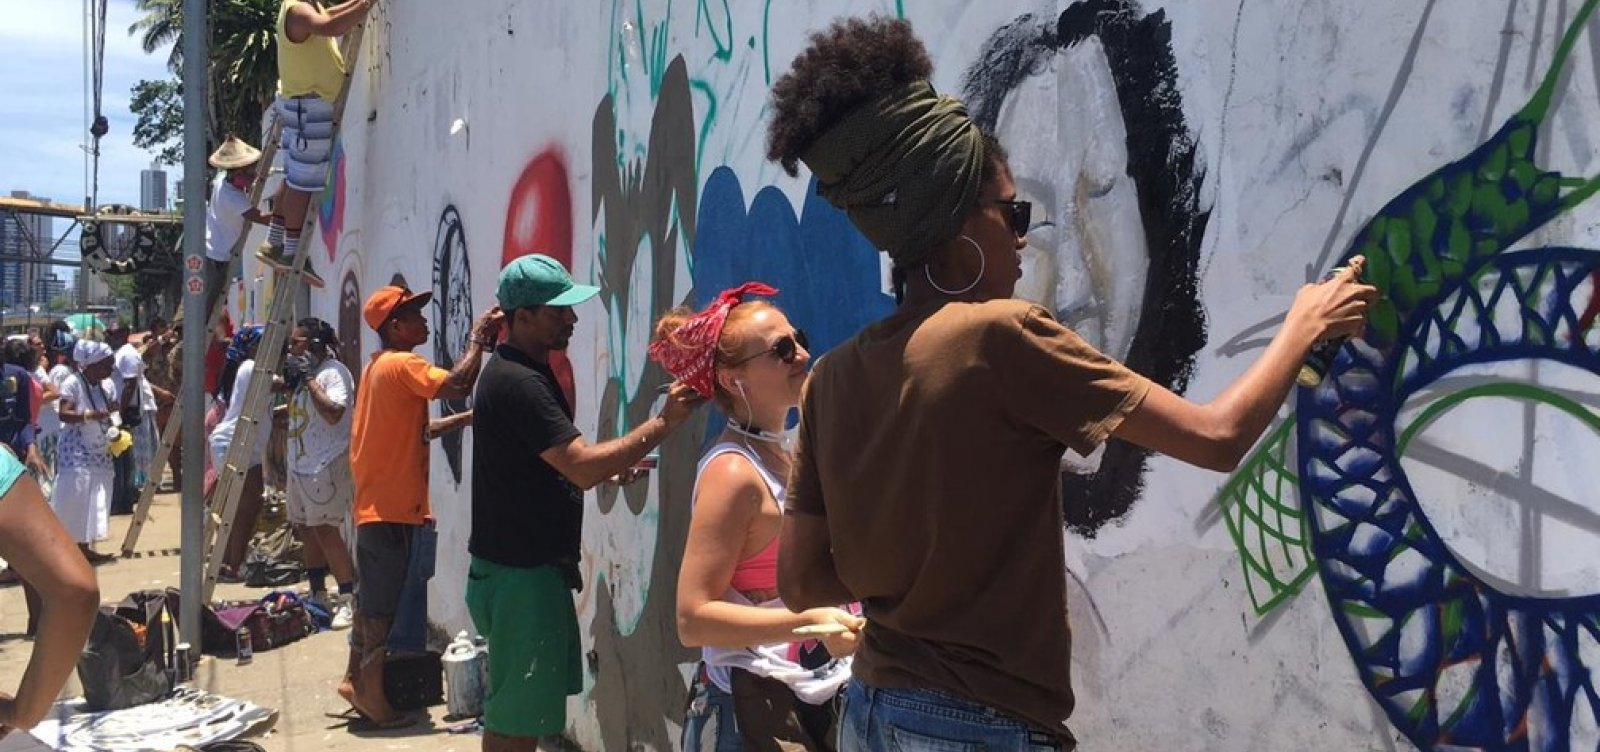 Em protesto a pichações, artistas e integrantes do candomblé pintam muro de terreiro em Salvador